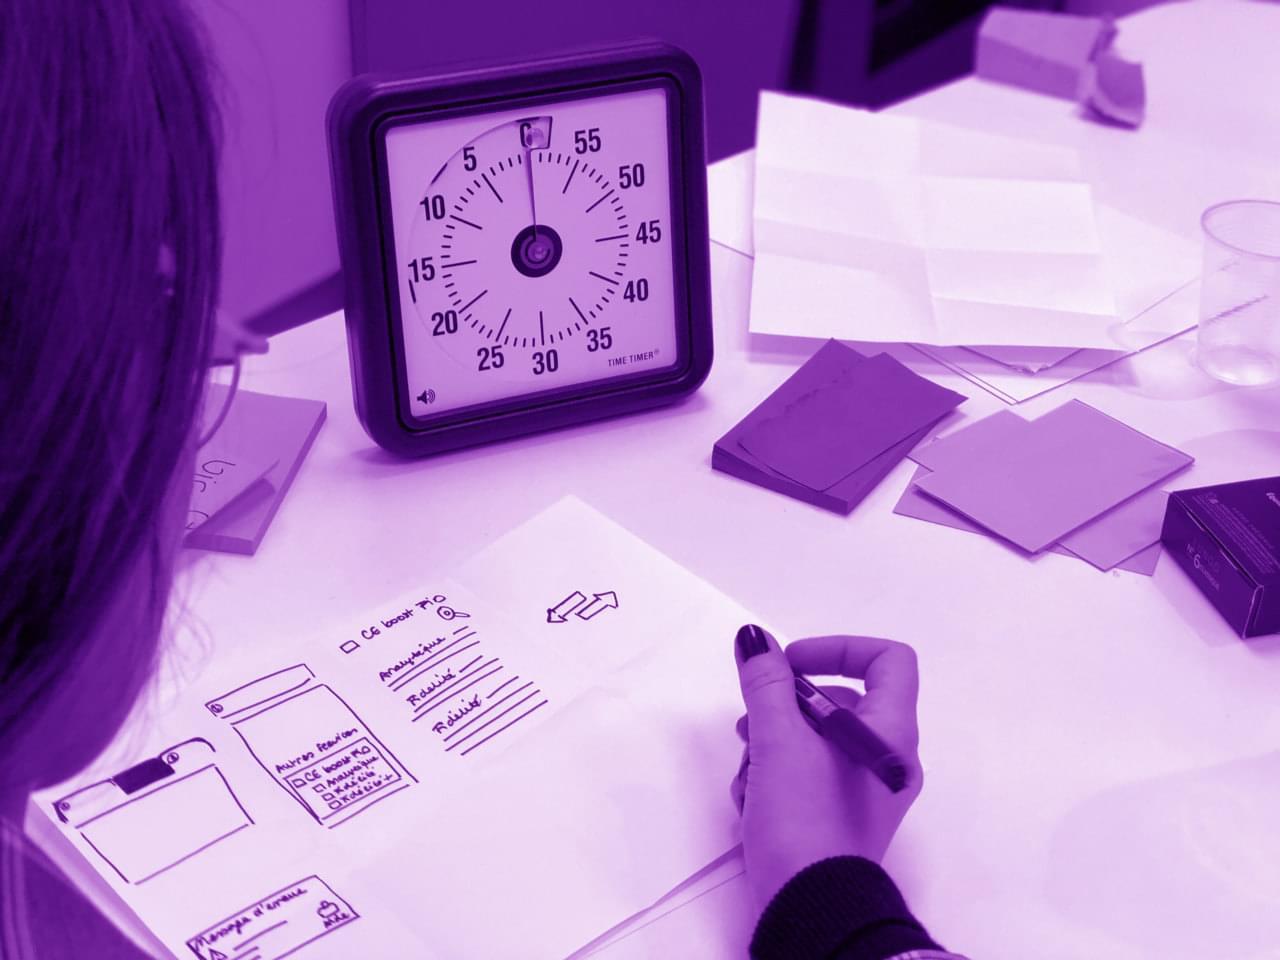 Utilizing prototyping  image